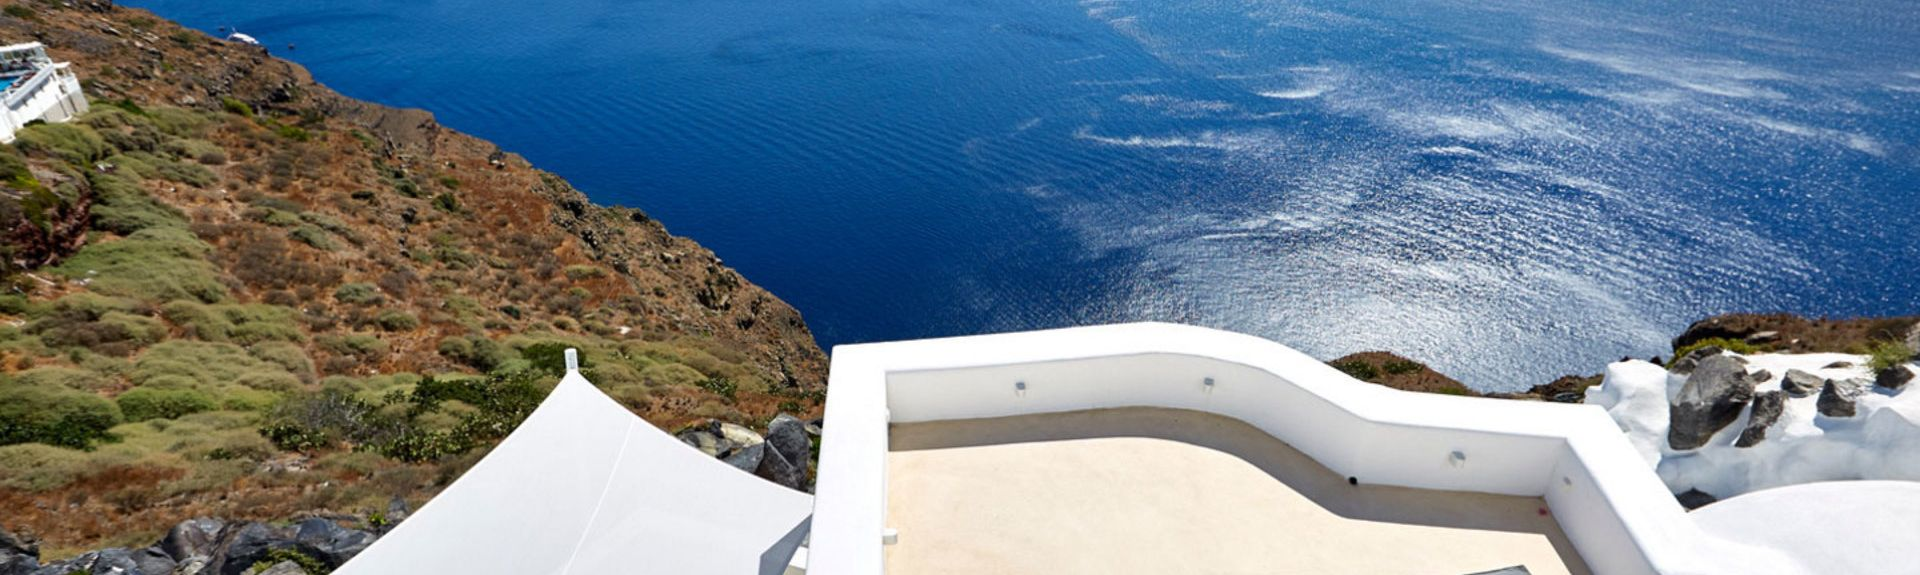 Centro Congressi di Petro M. Nomiko, Città di Thira, Isole egee, Grecia